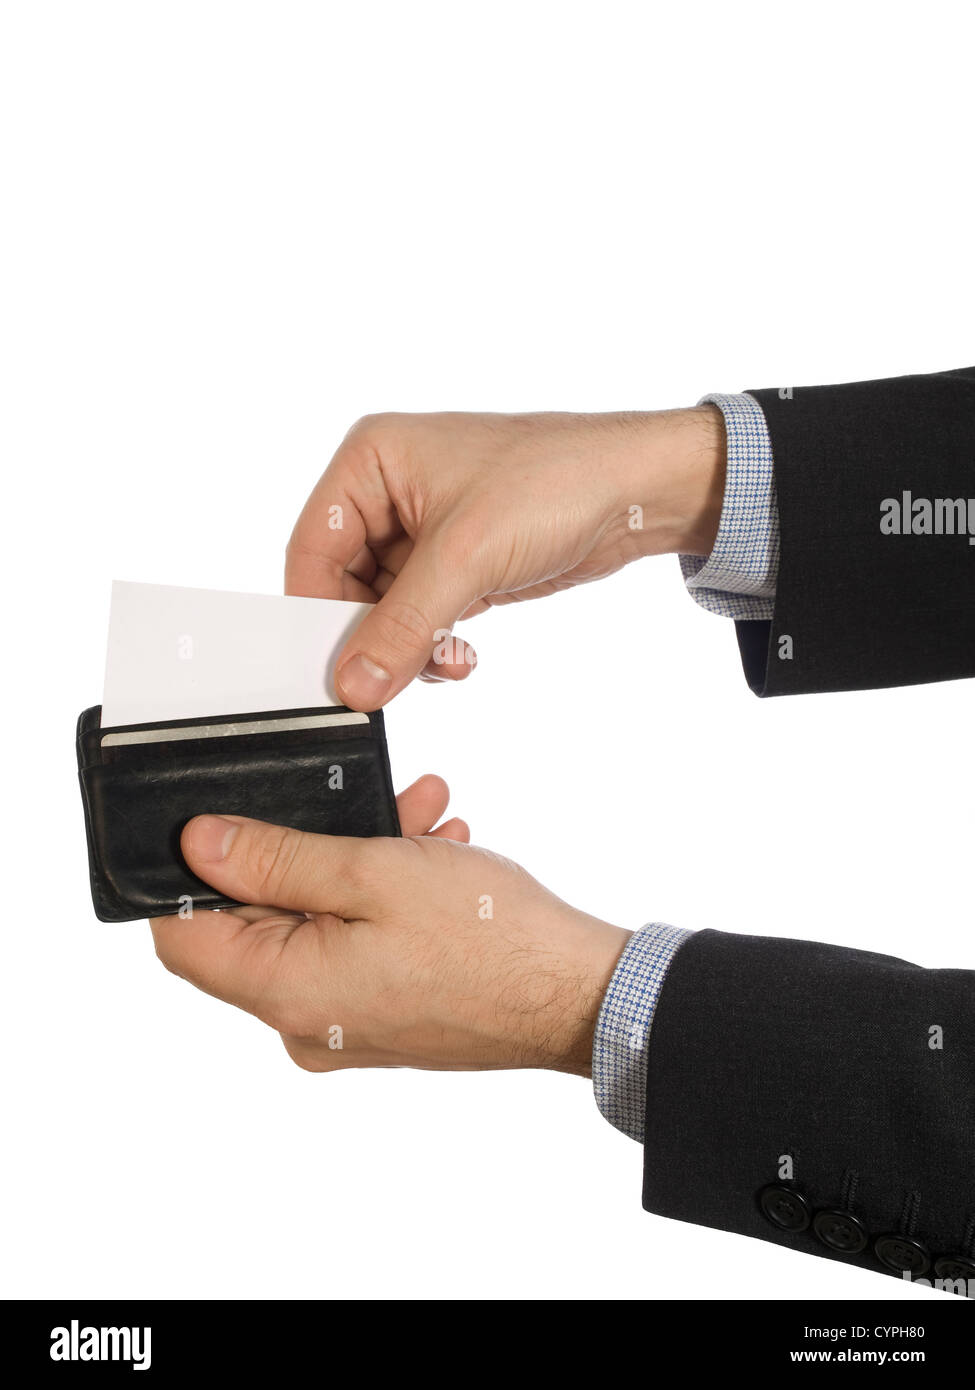 0f659cac60c852 Due mani tirare fuori una carta bianca da un nero portafoglio in pelle.  Immagini Stock